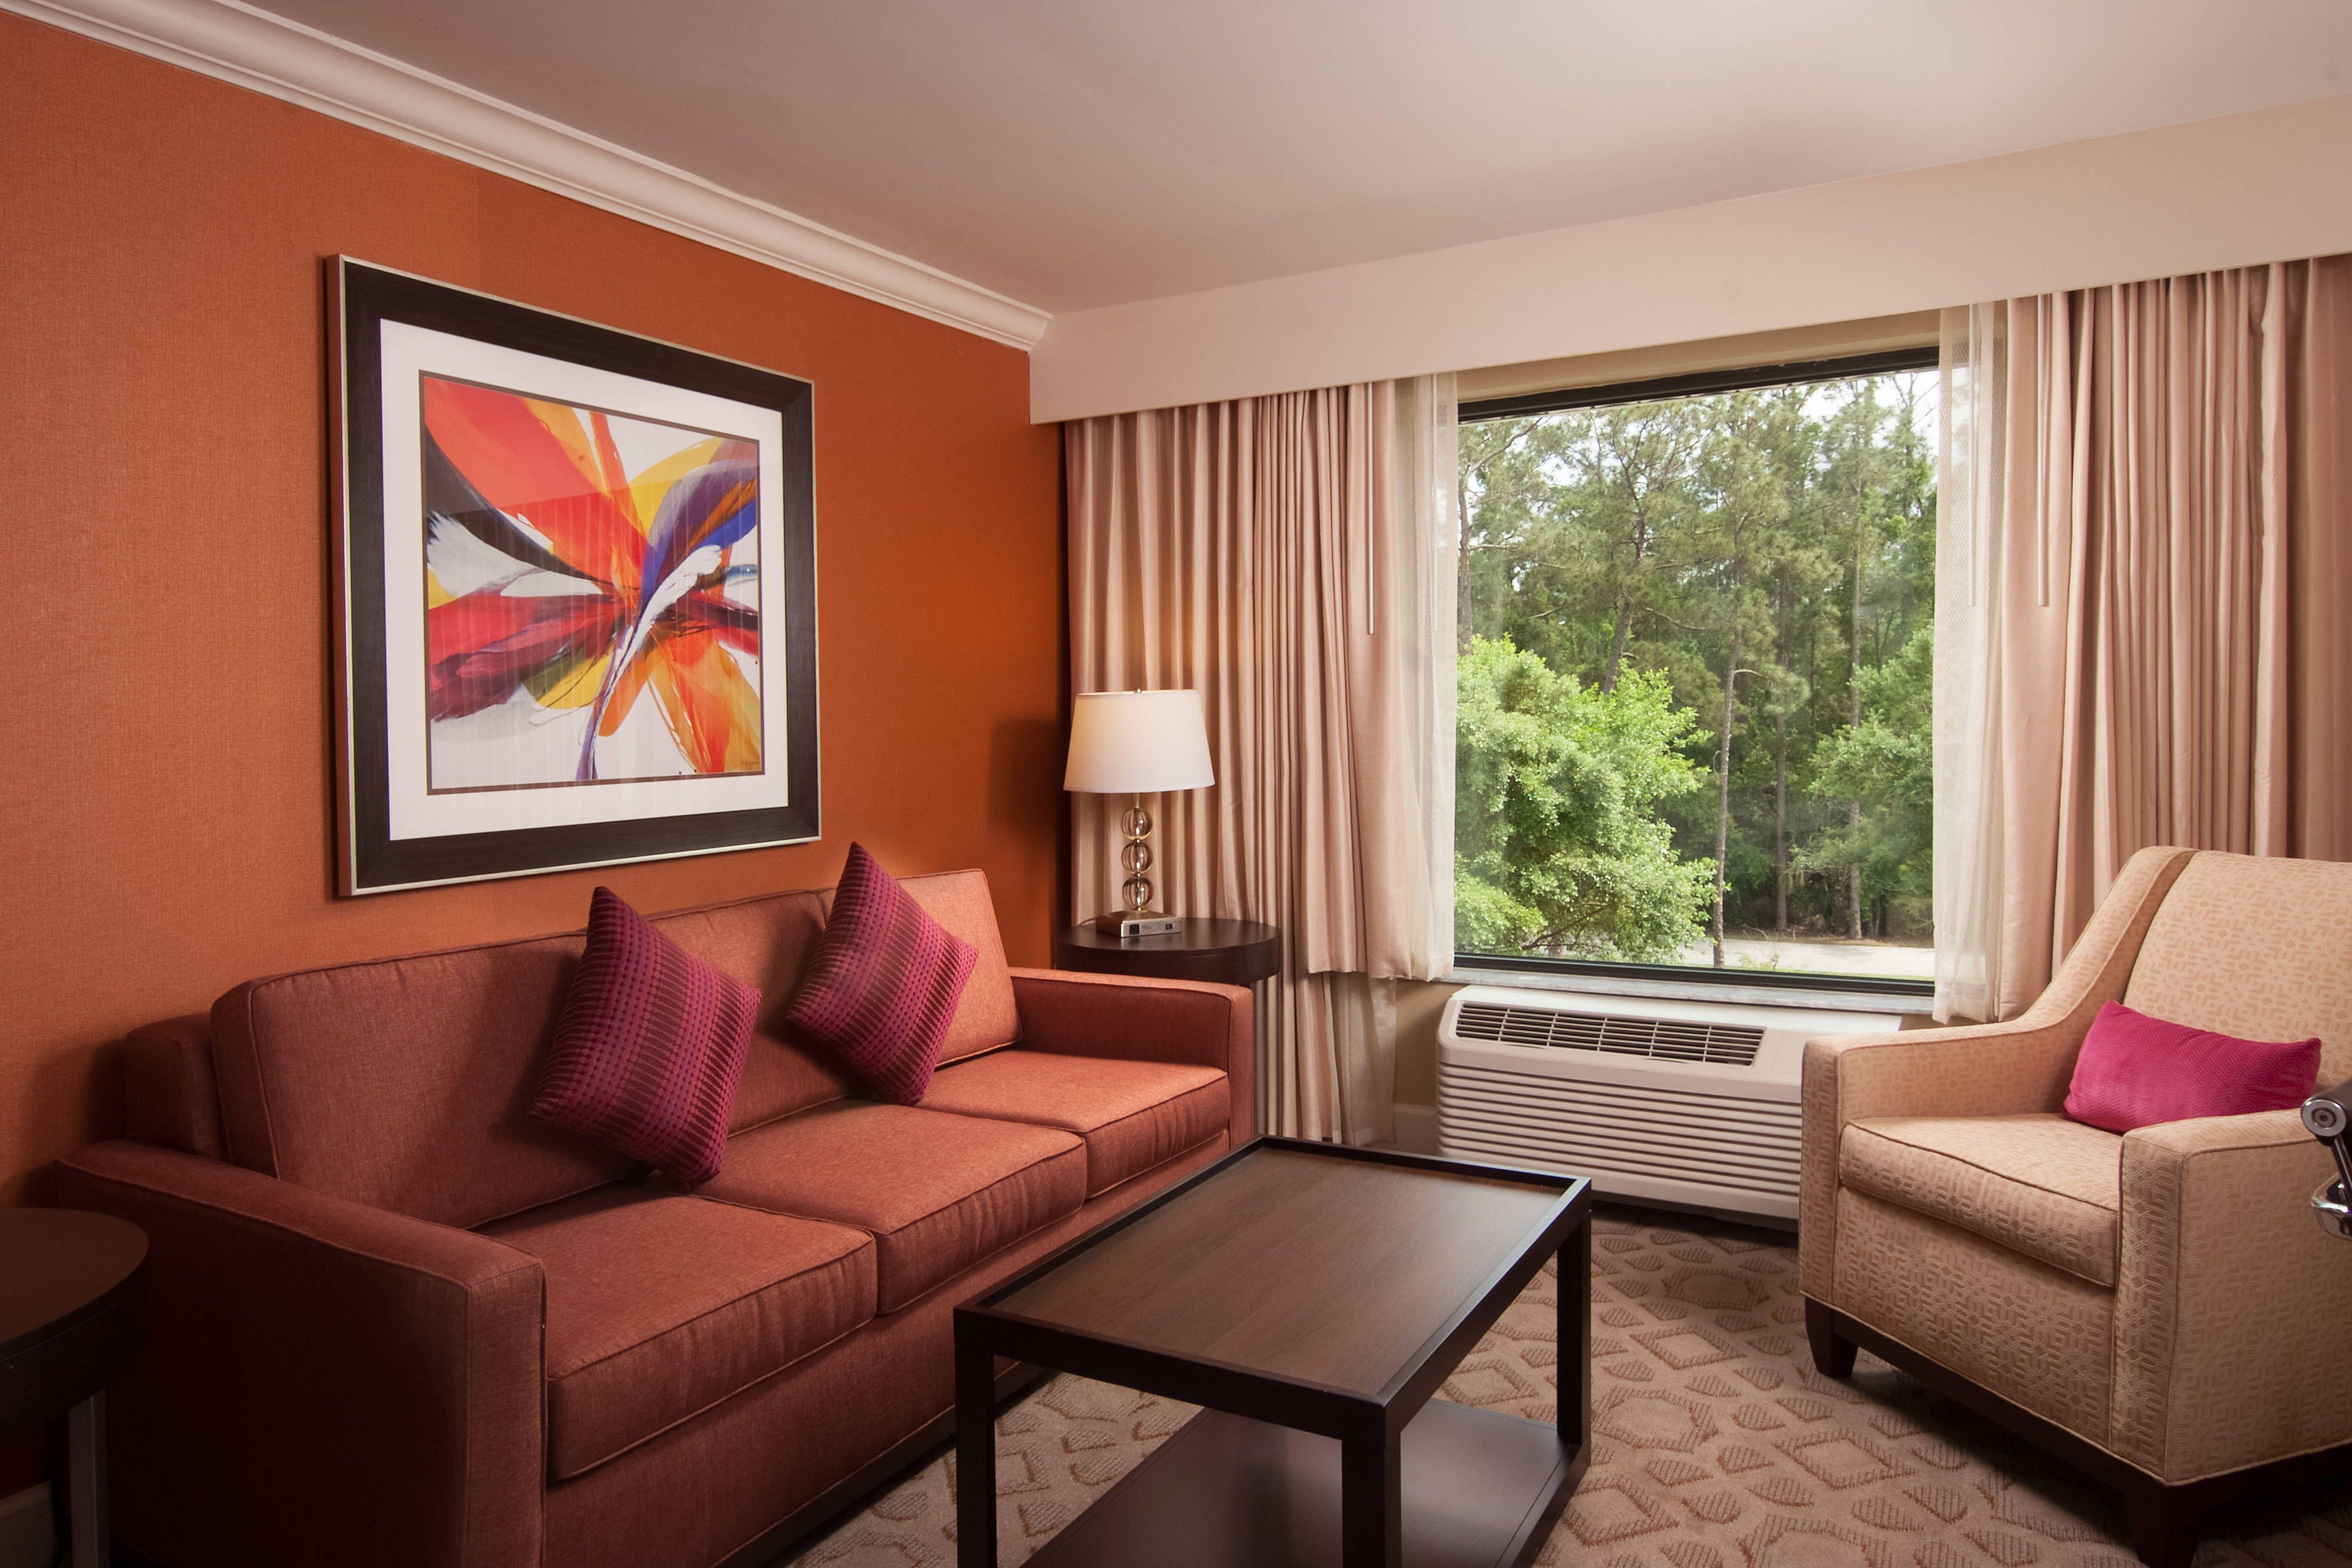 Delta Hotels Orlando Lake Buena Vista Junior Suite Living Area Suite Happy Guestroom Orlando Hotel Orlando Lakes Lake Buena Vista